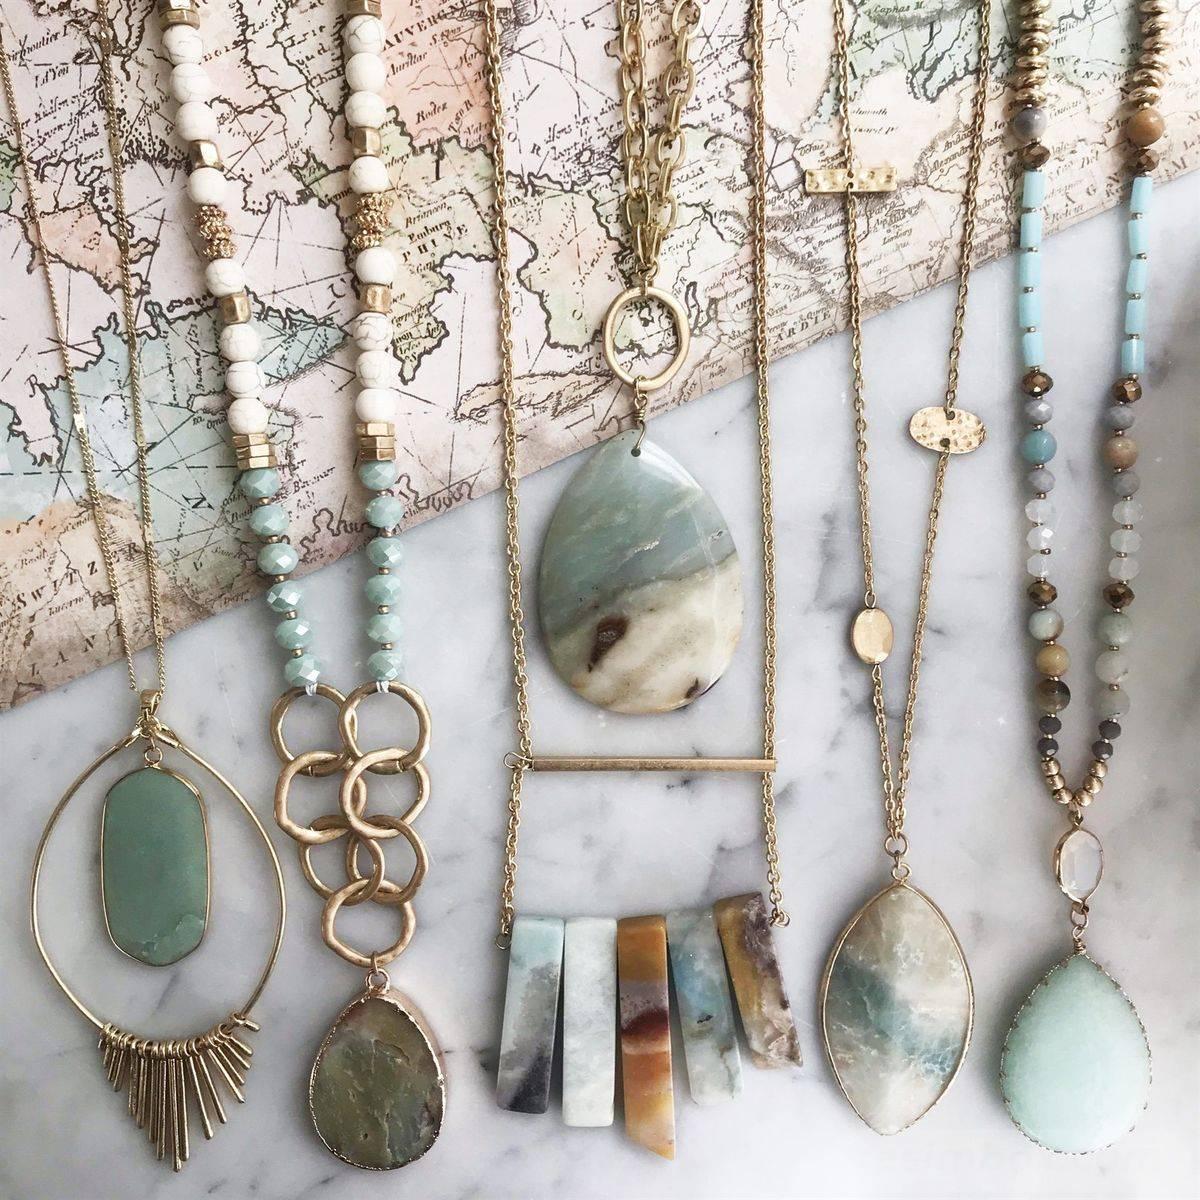 ideas diy jewelry-572097958916247709